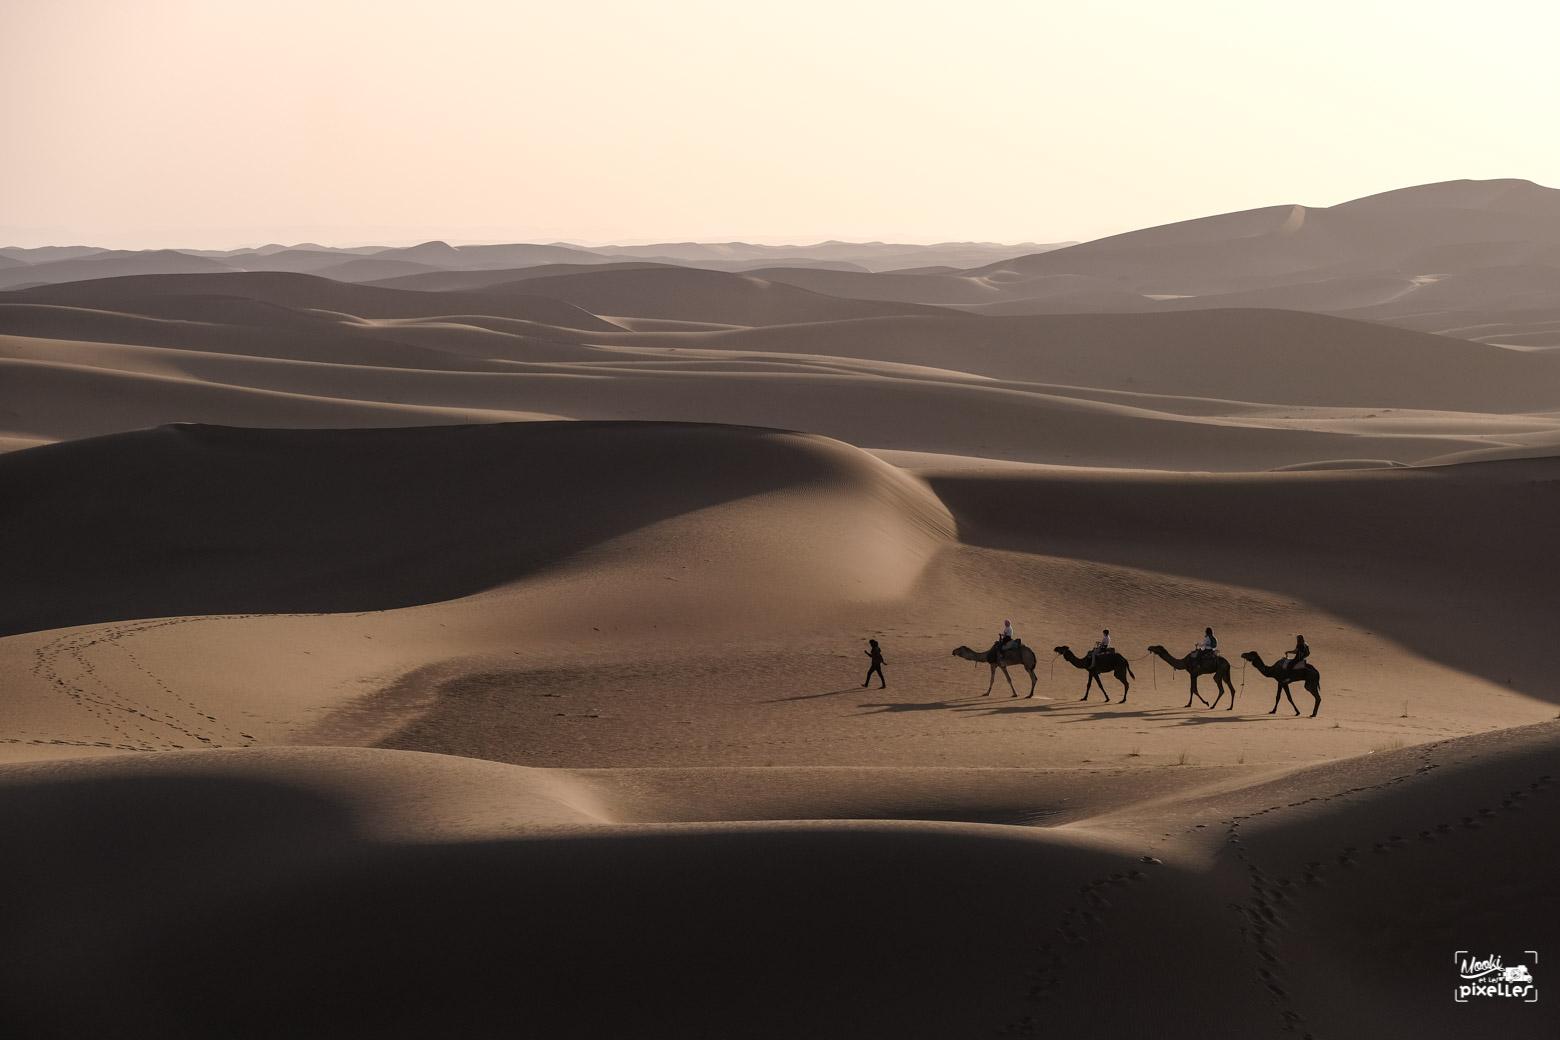 Caravane de dromadaires au milieu du désert